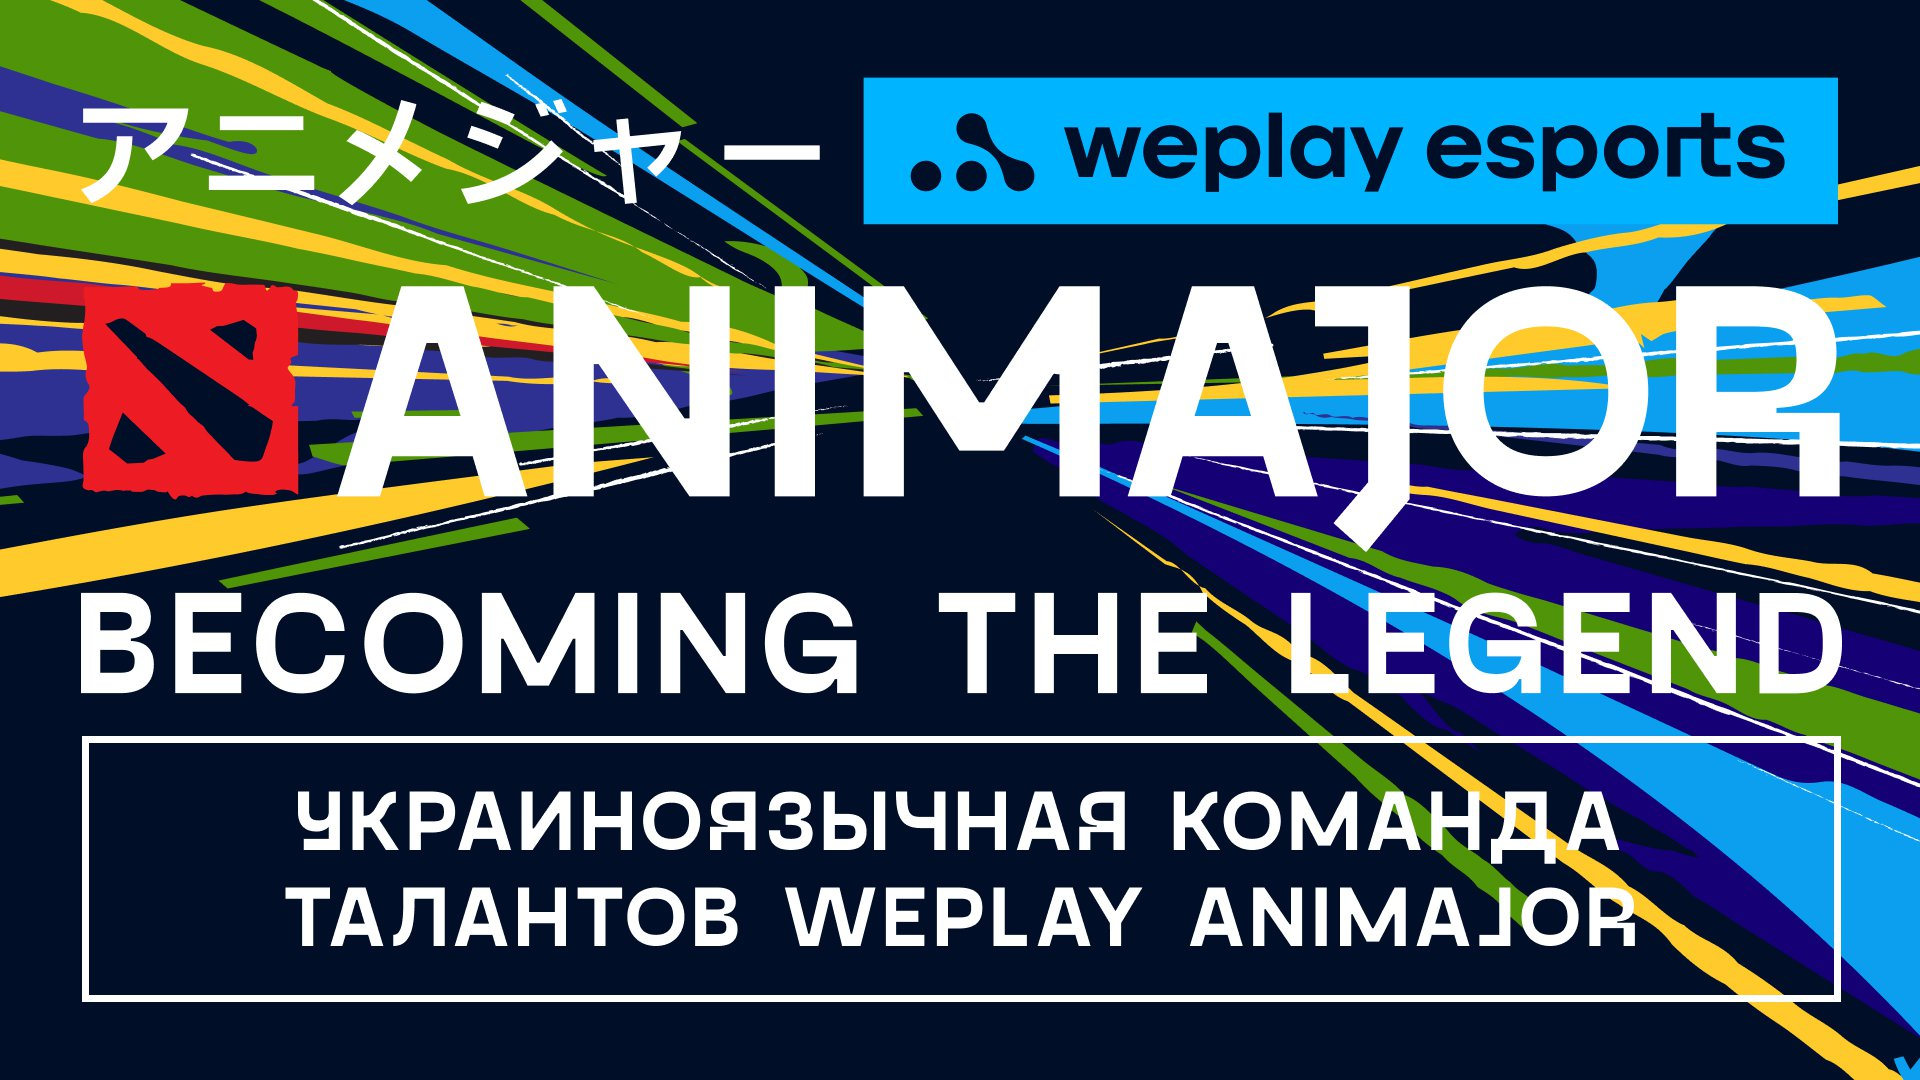 Объявлена украиноязычная команда талантов WePlay AniMajor. Изображение: WePlay Esports